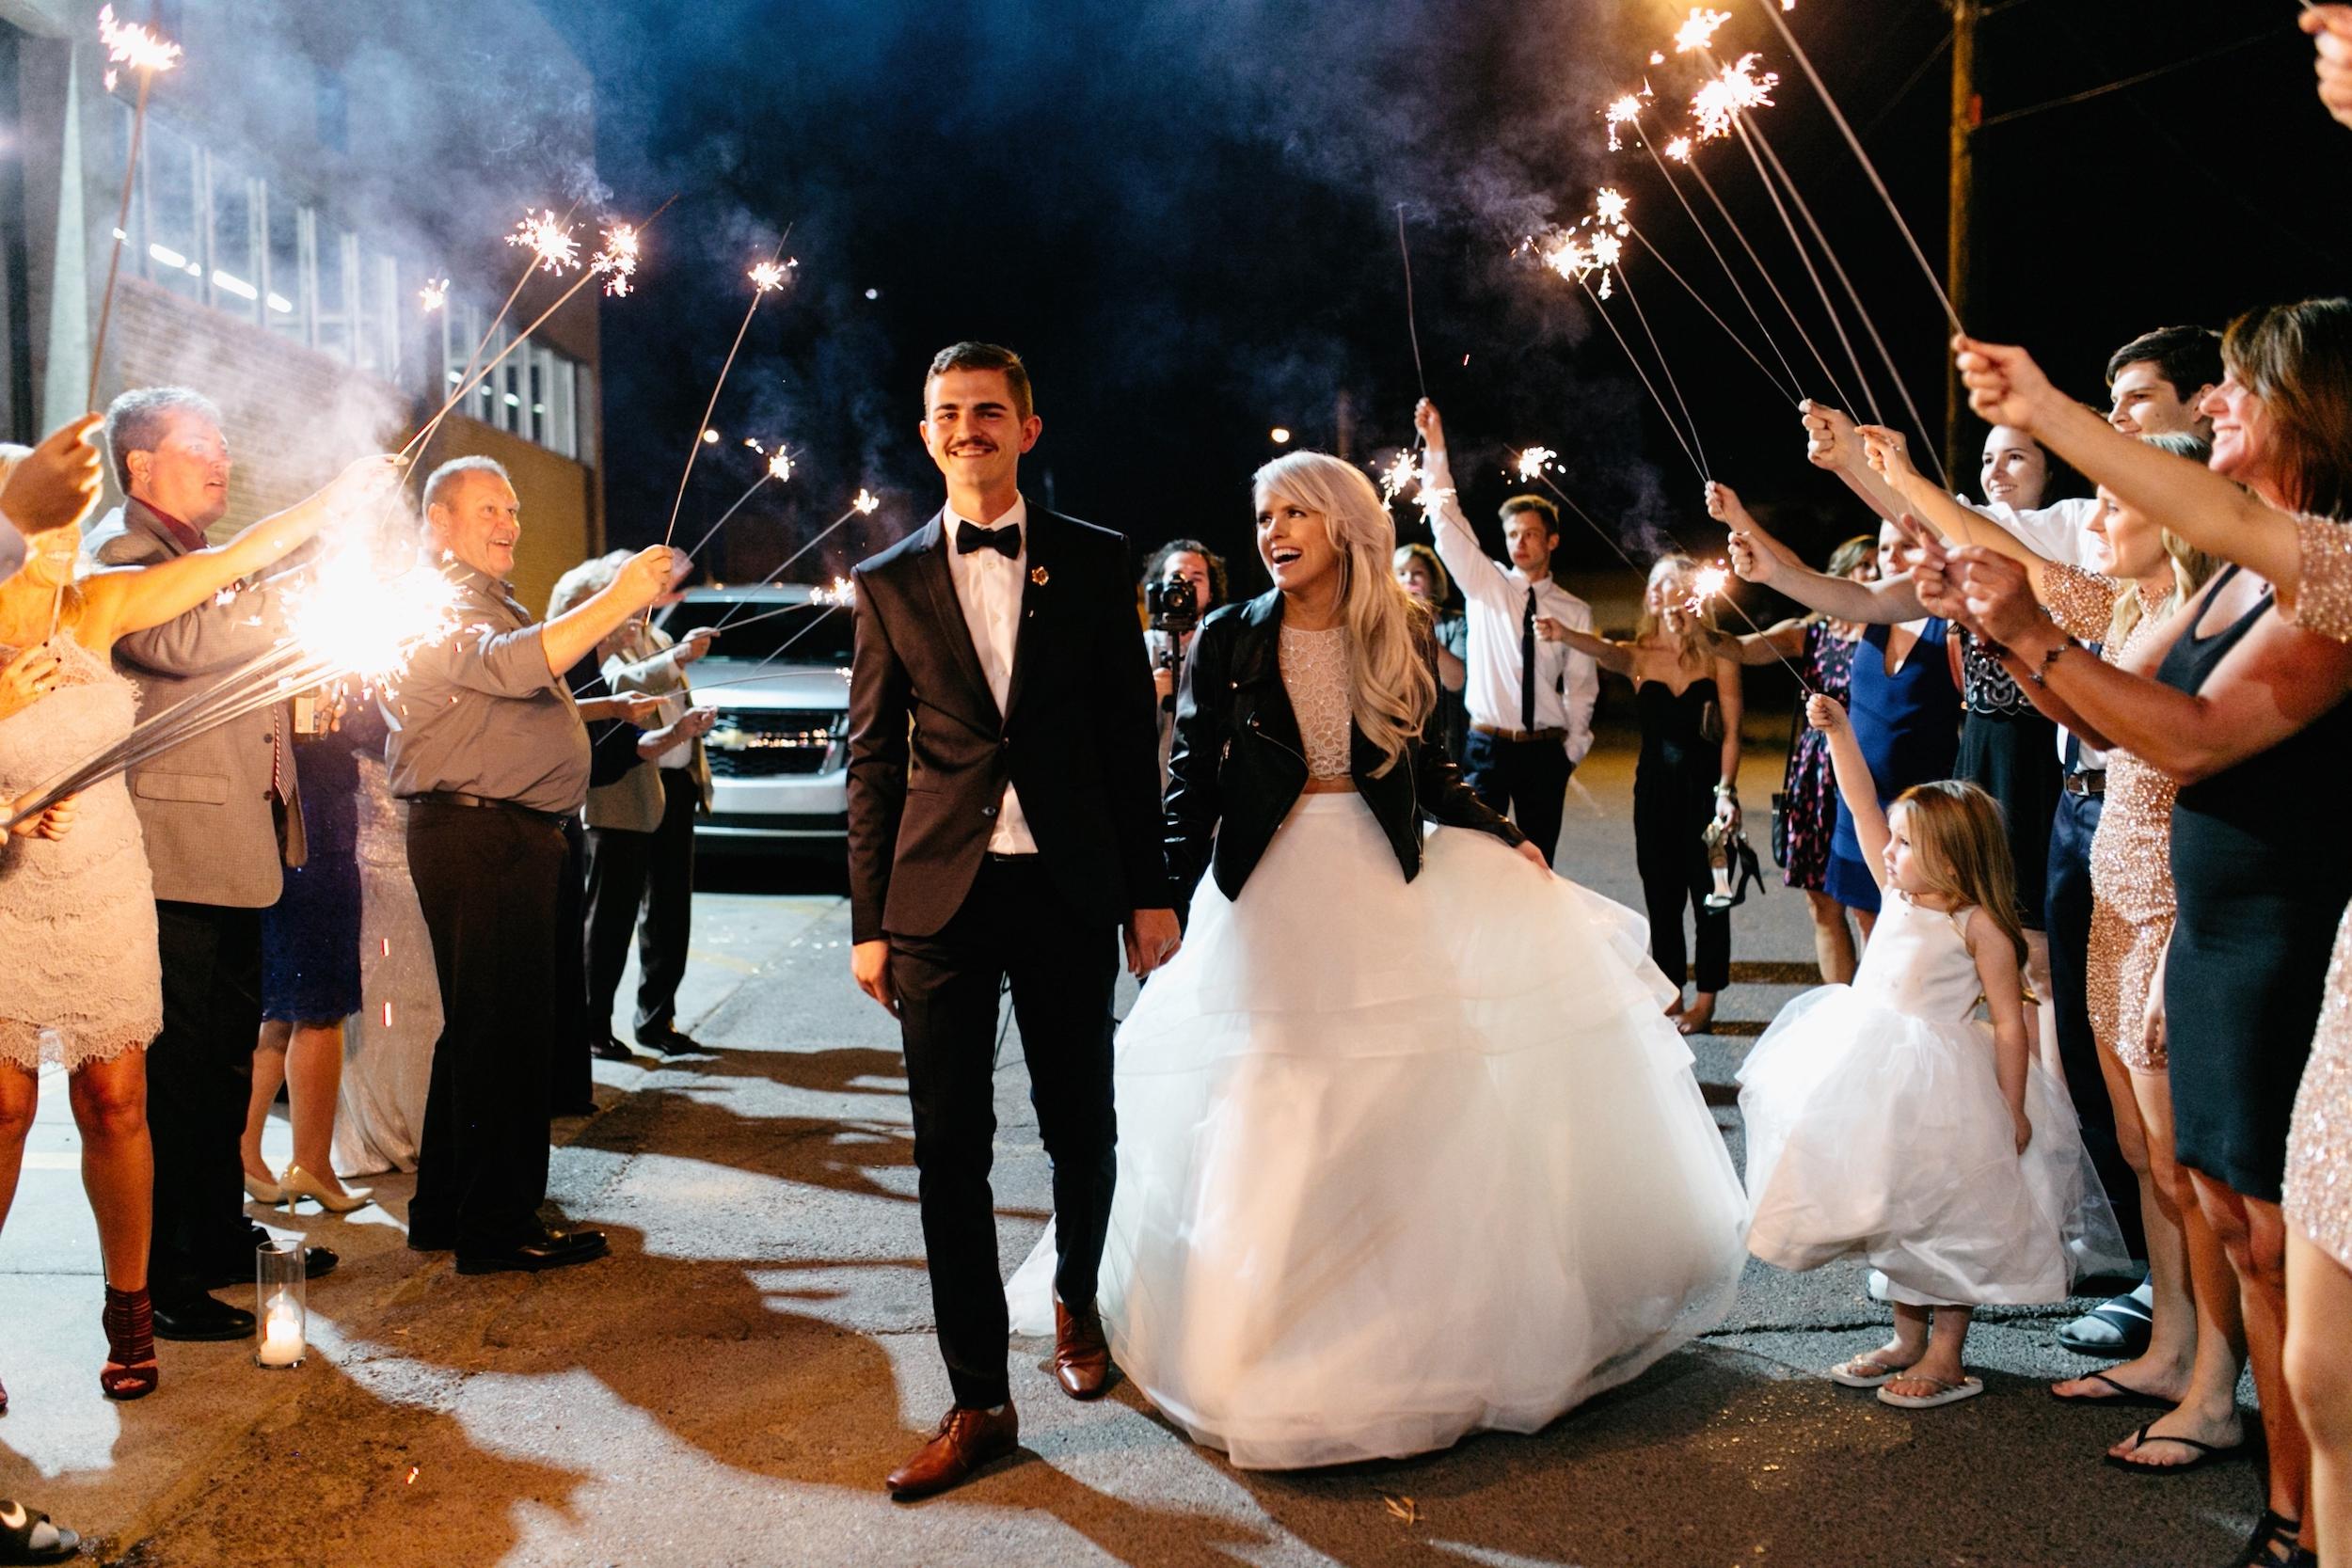 arizona - wedding - photography 01881.jpg